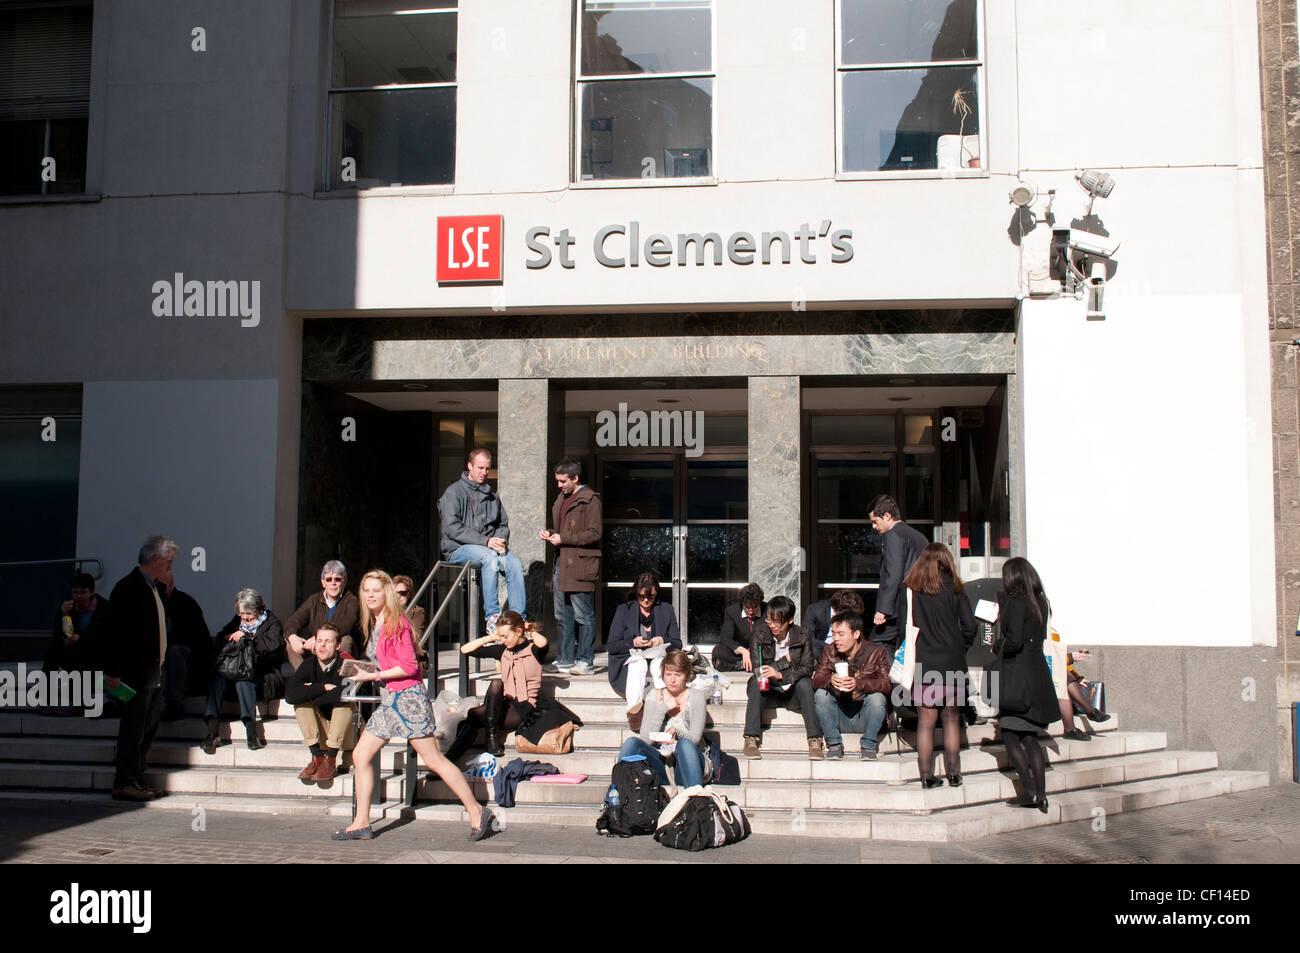 Lse Stock Photos & Lse Stock Images - Alamy